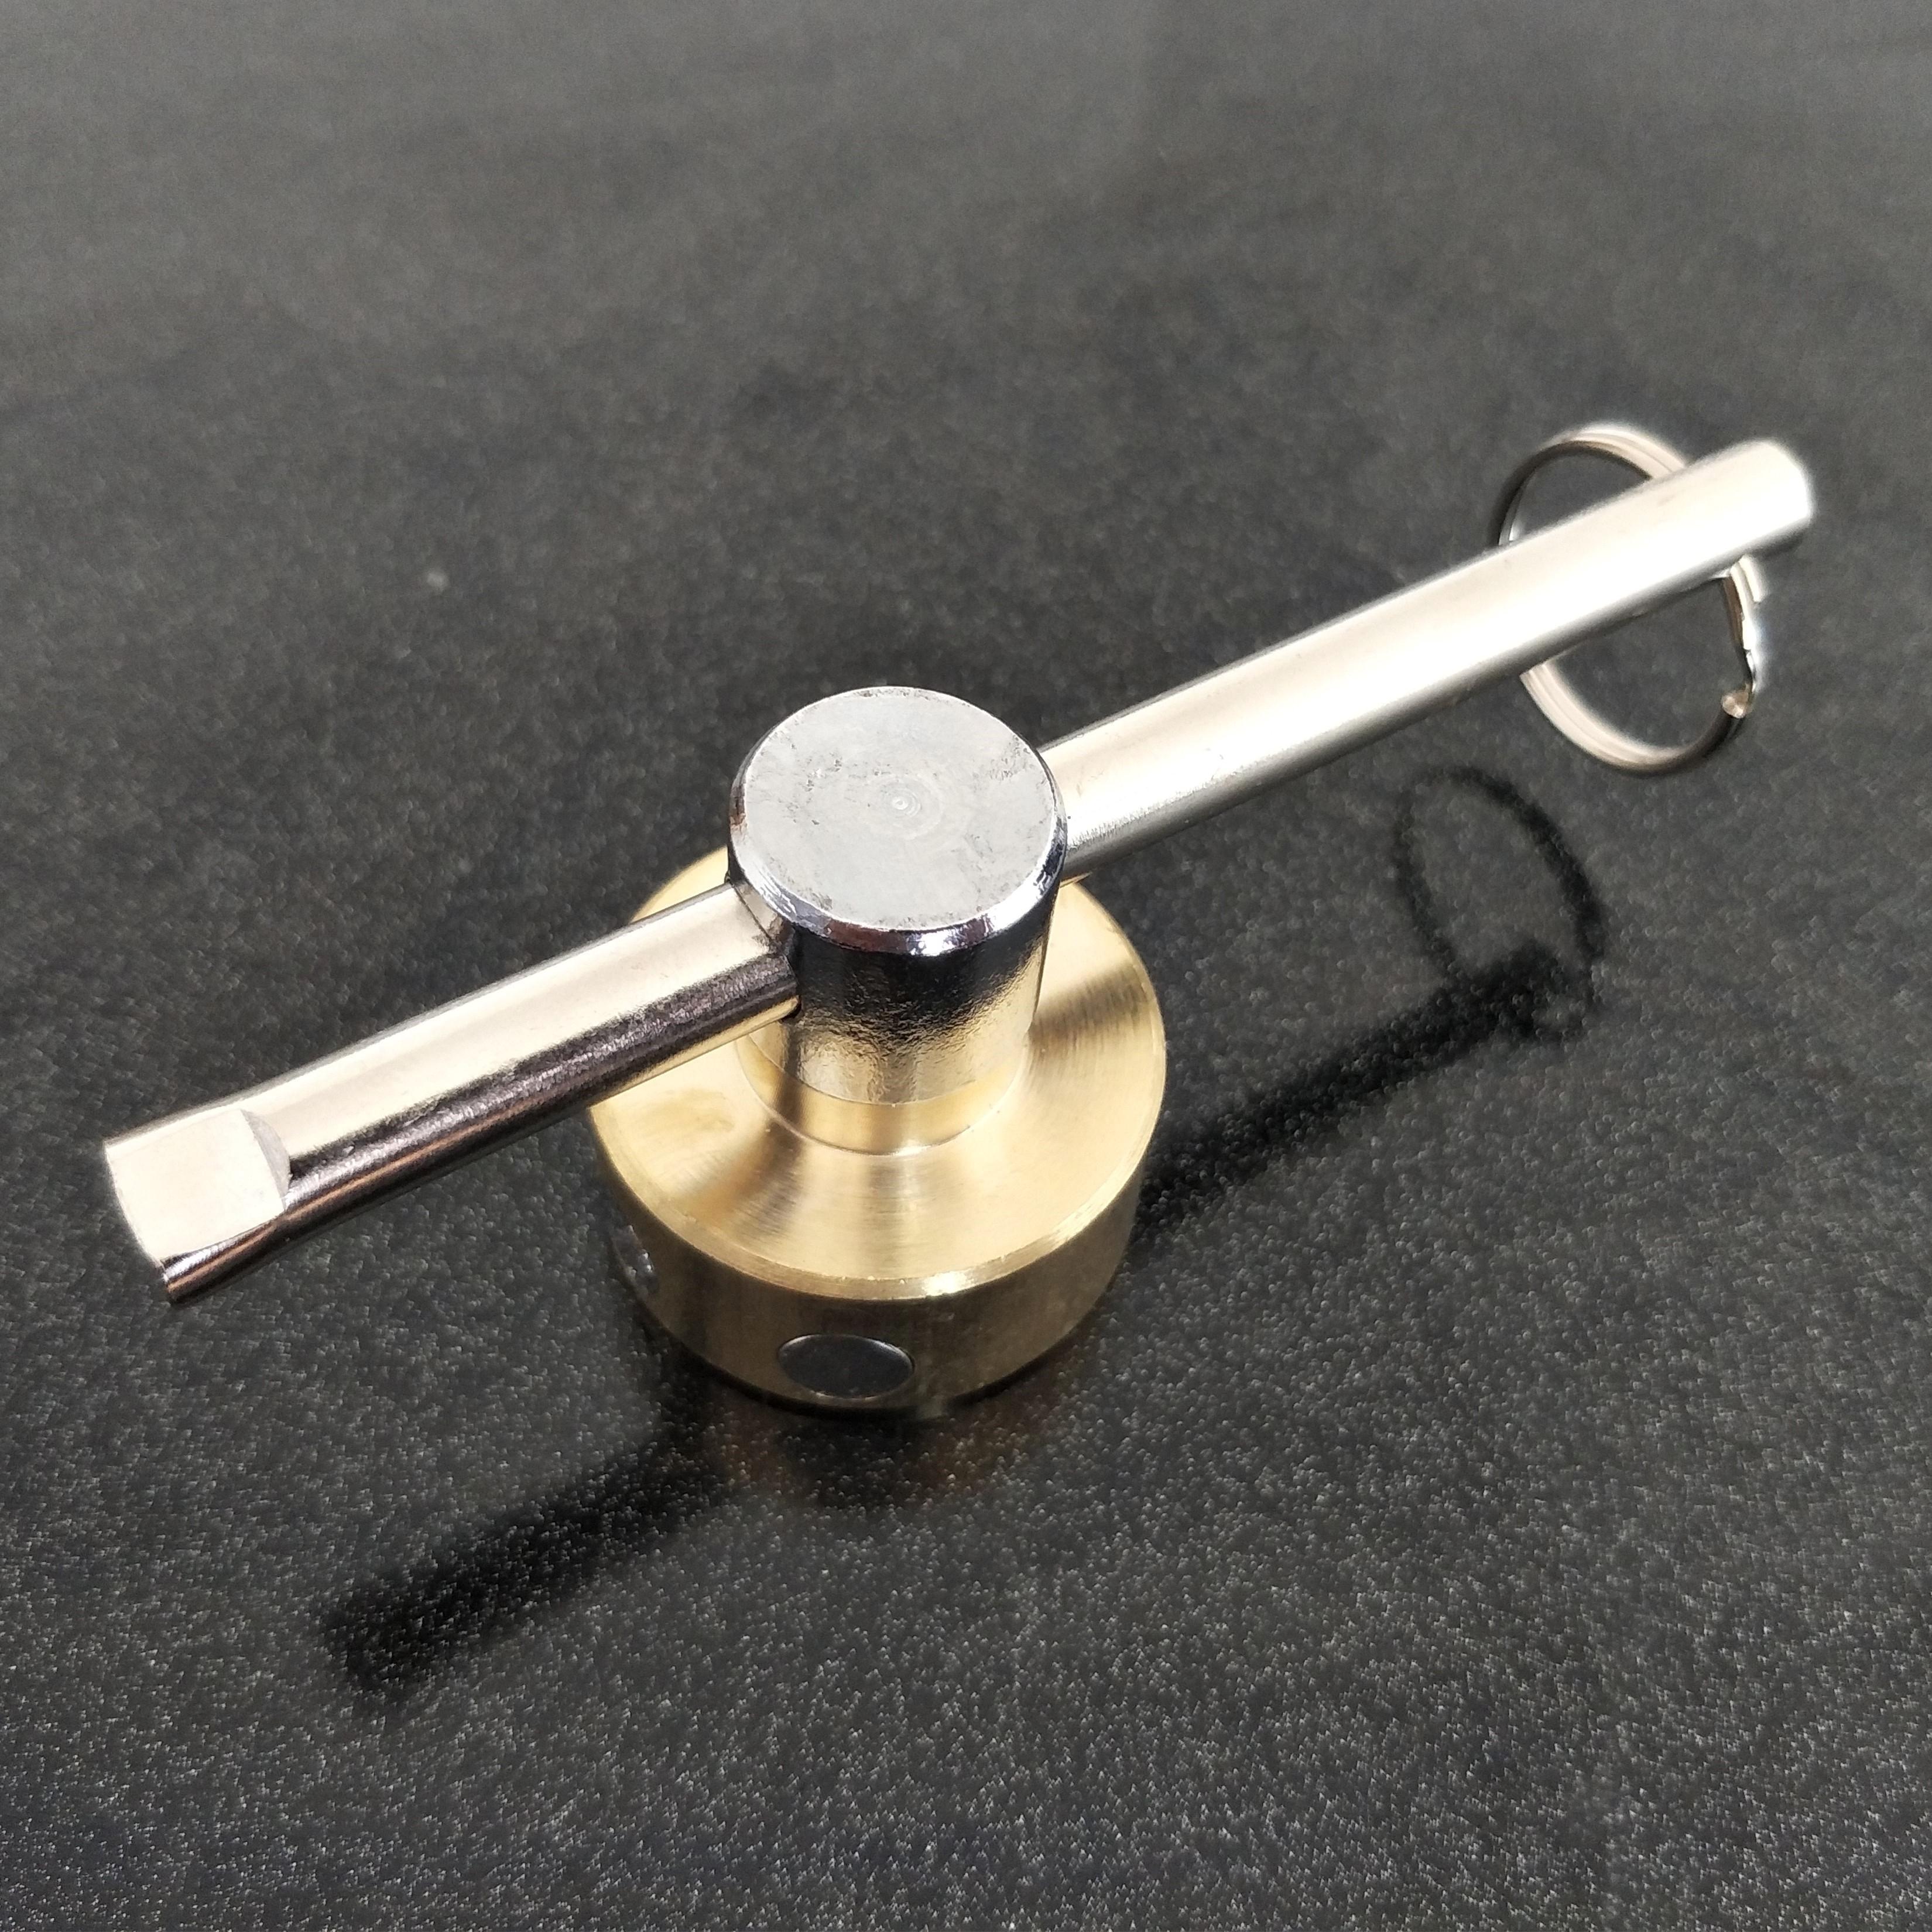 IL contatore dell'Acqua, chiudendo la Valvola Gas naturale Valvola la chiave magnetica di calore l'Acqua di rubinetto della Valvola - Valvola di riscaldamento